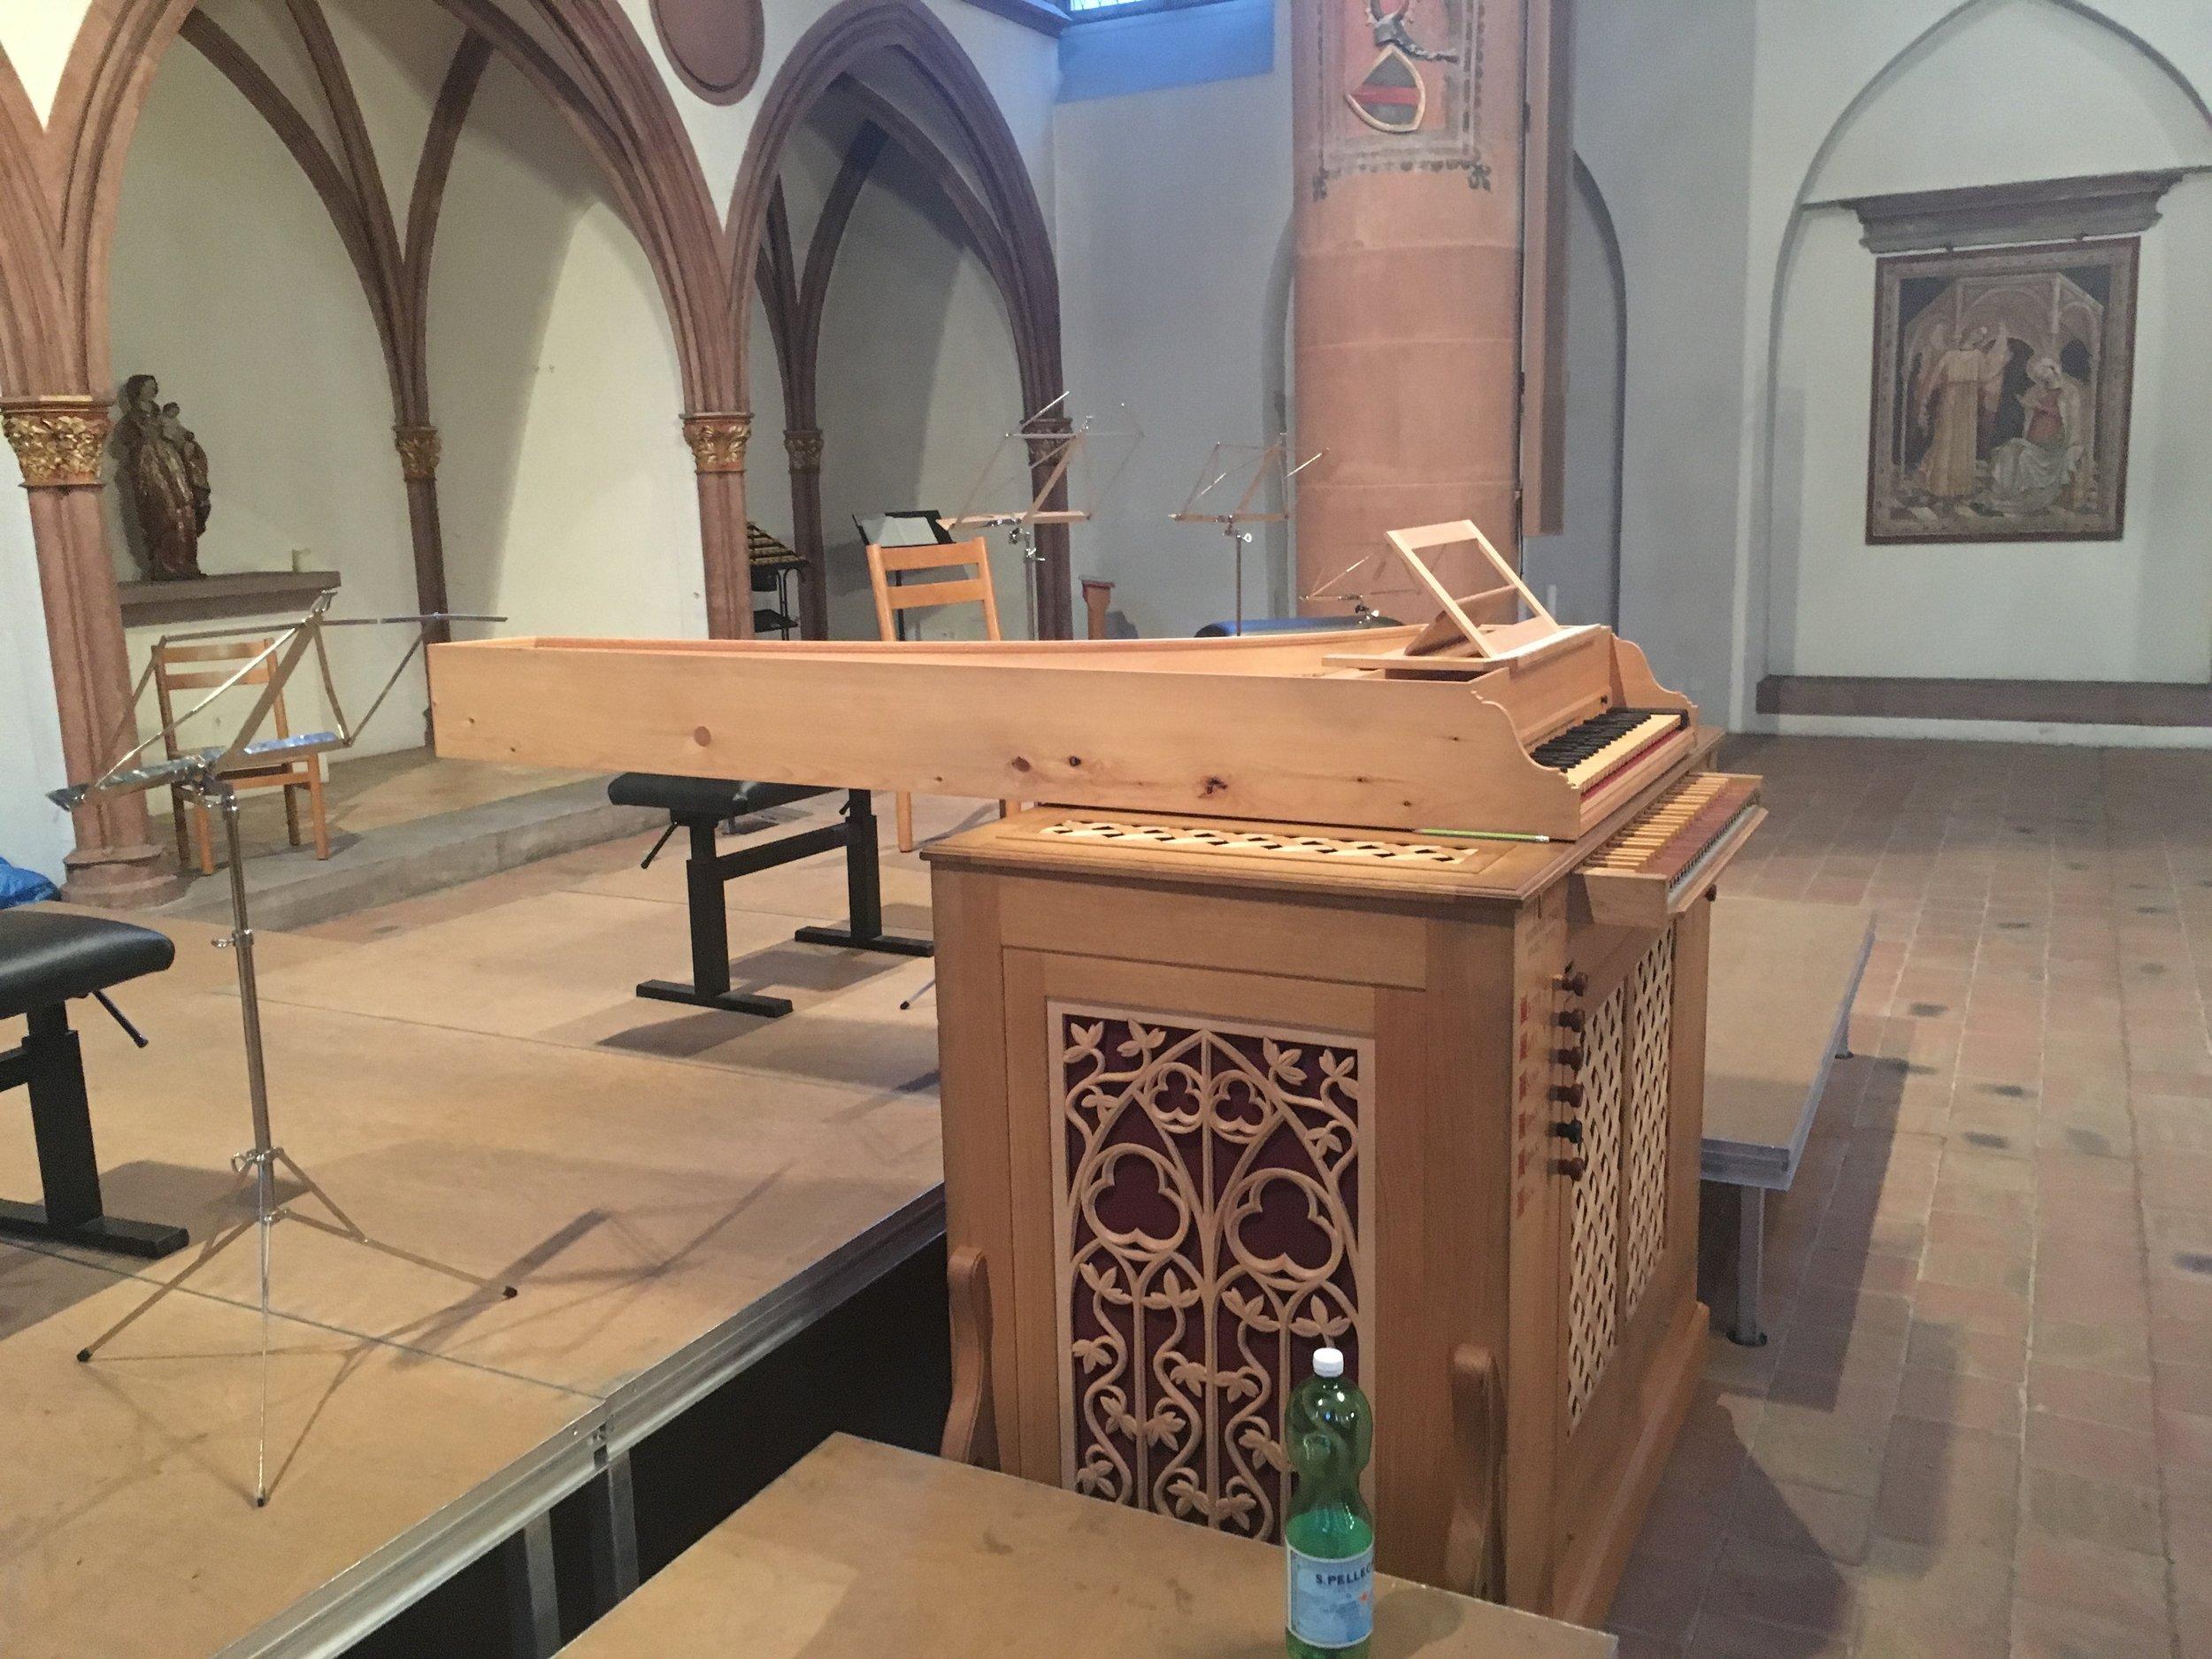 Abendmusiken in der Predigerkirche